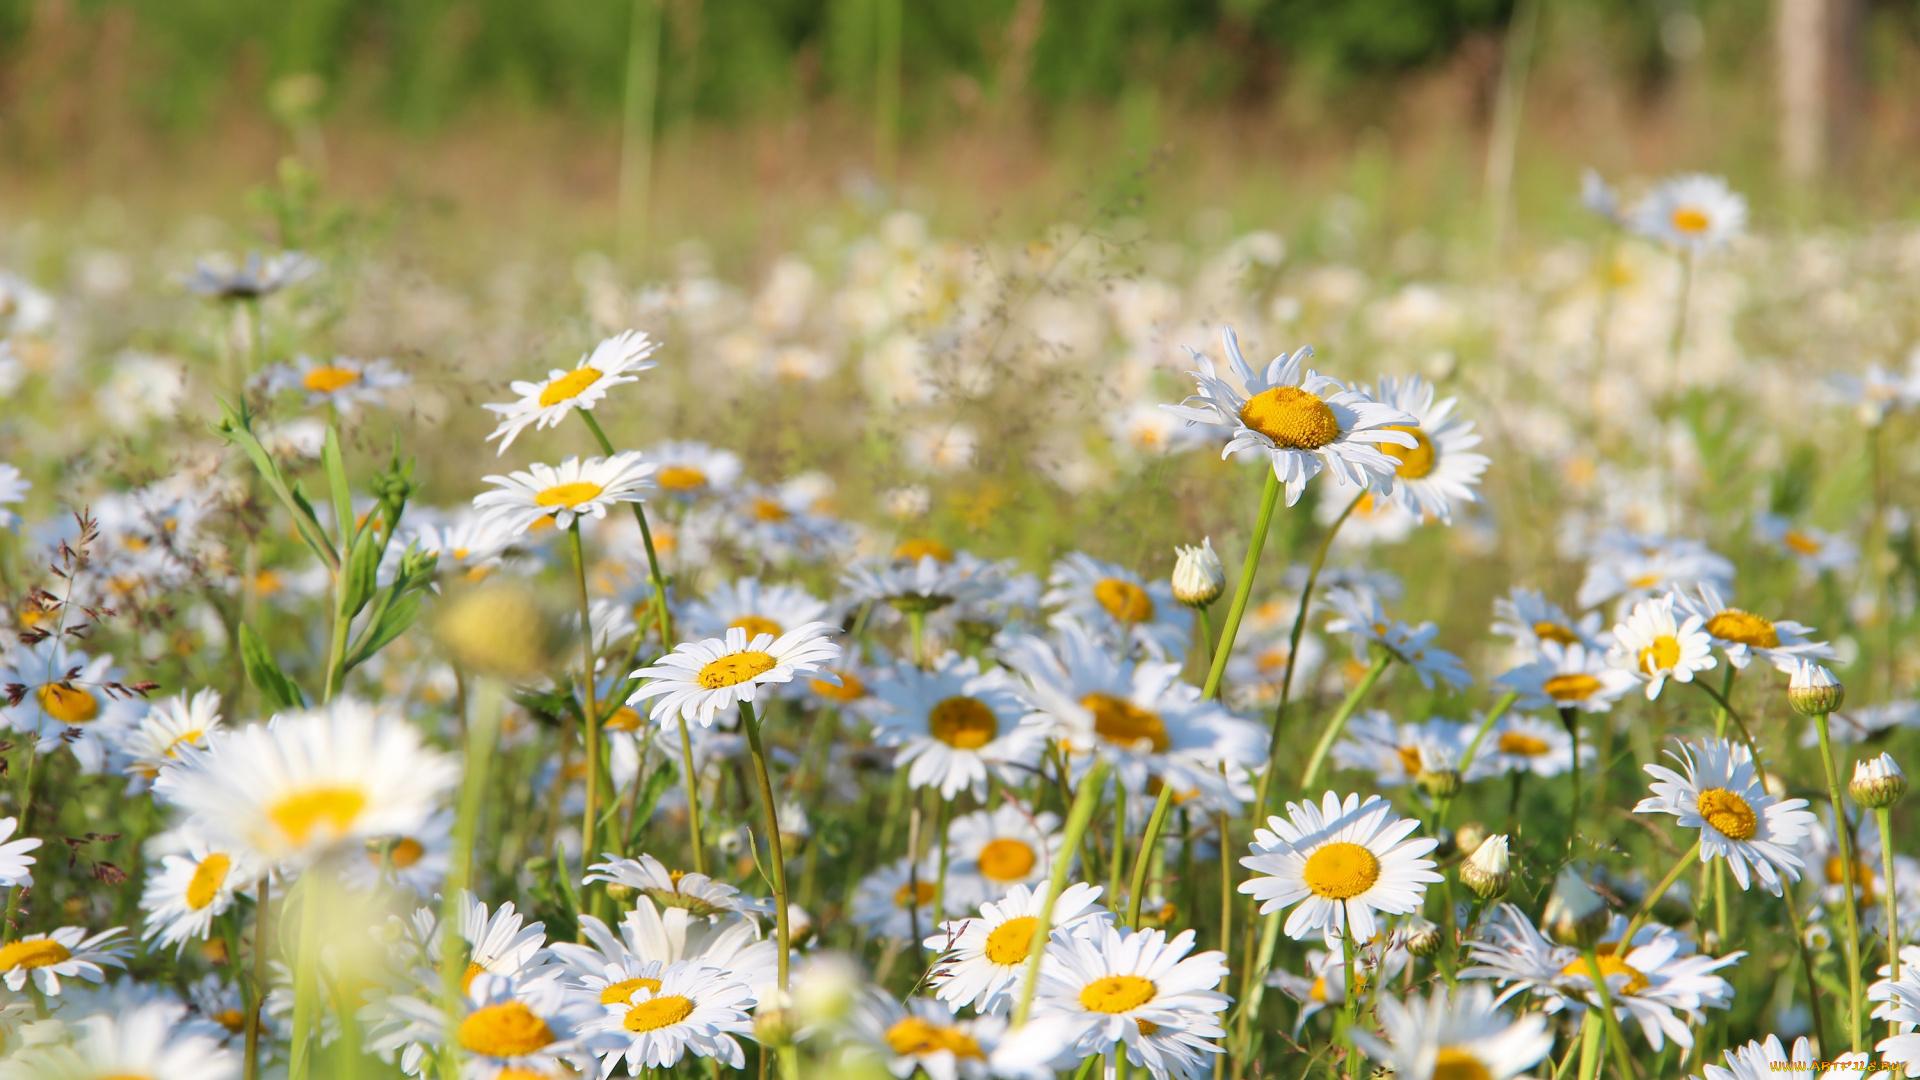 Фото красивые ромашки в поле, лагерь солнышко